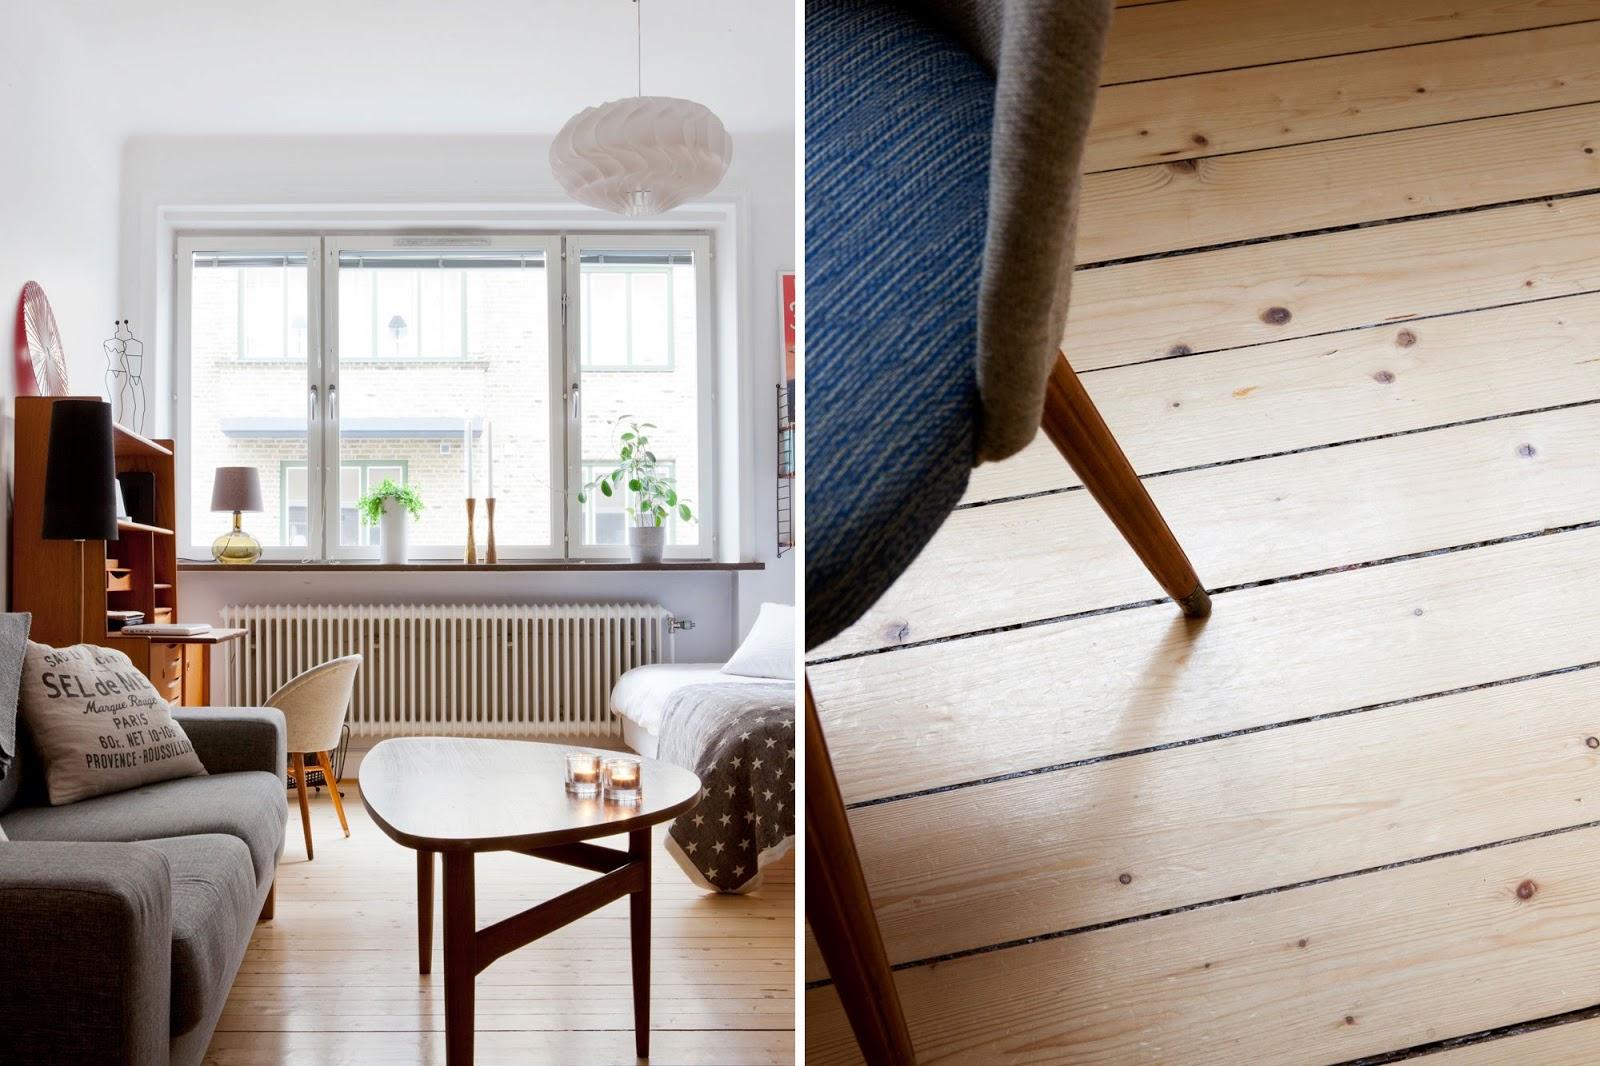 La petite fabrique de r ves un studio fonctionnel aux - Petit appartement aux details vintages ...